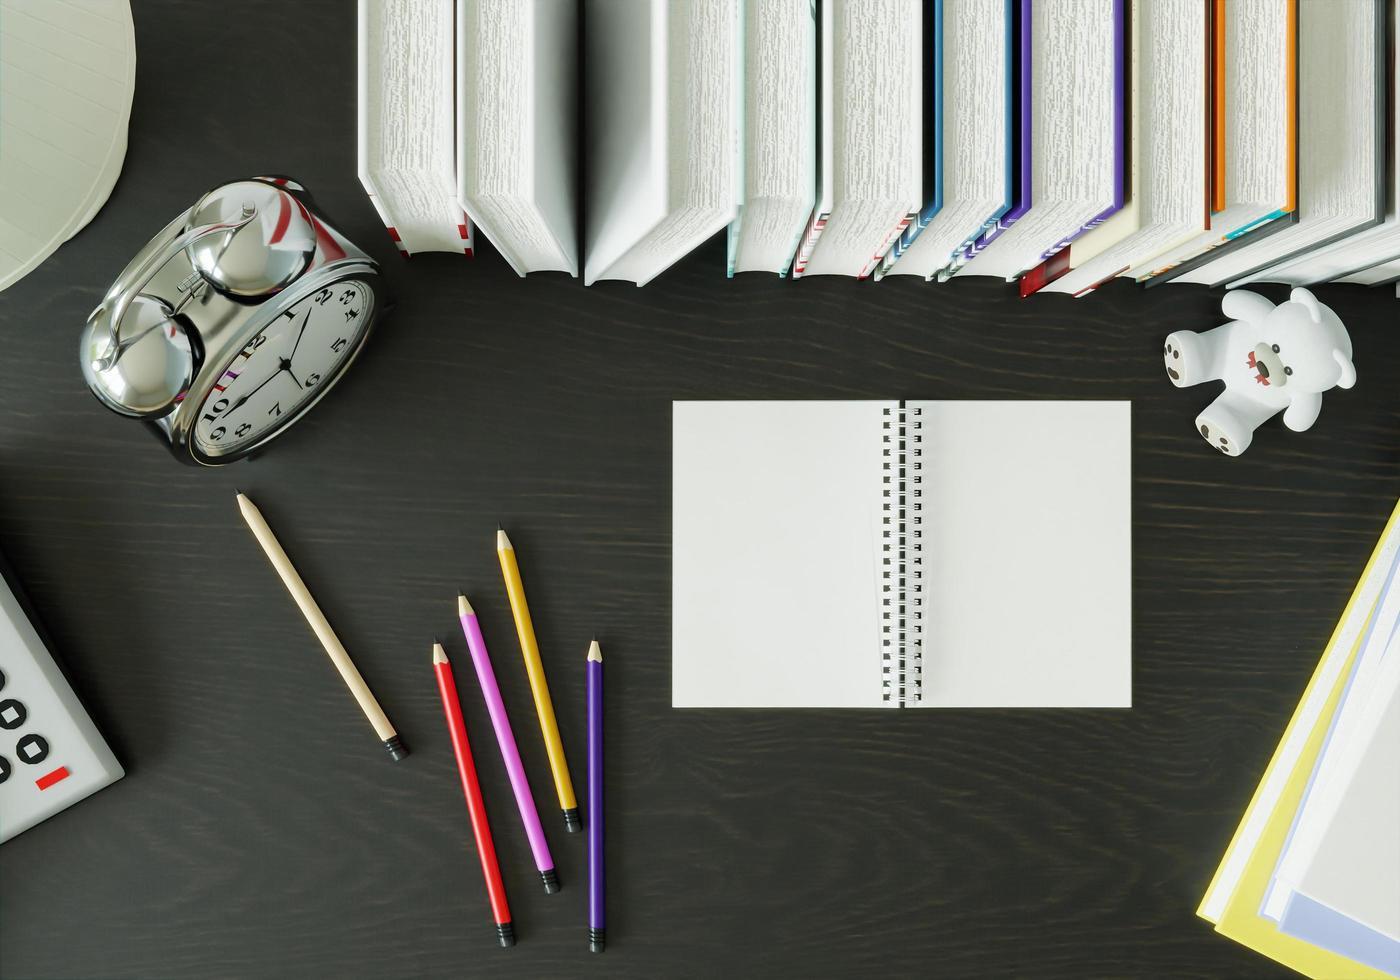 libros y crayones colocados sobre la mesa. foto